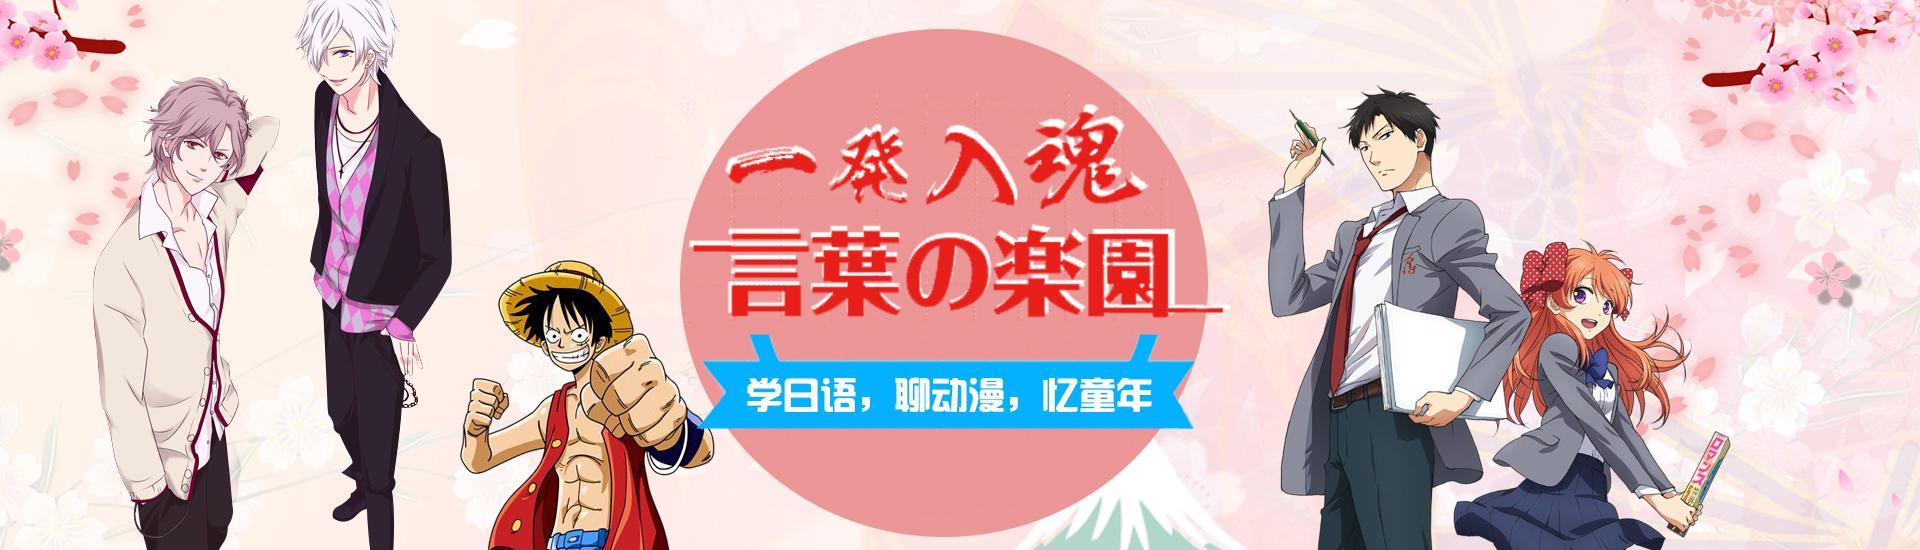 南宁留学日语培训,南宁高考日语辅导班,南宁日语培训学校